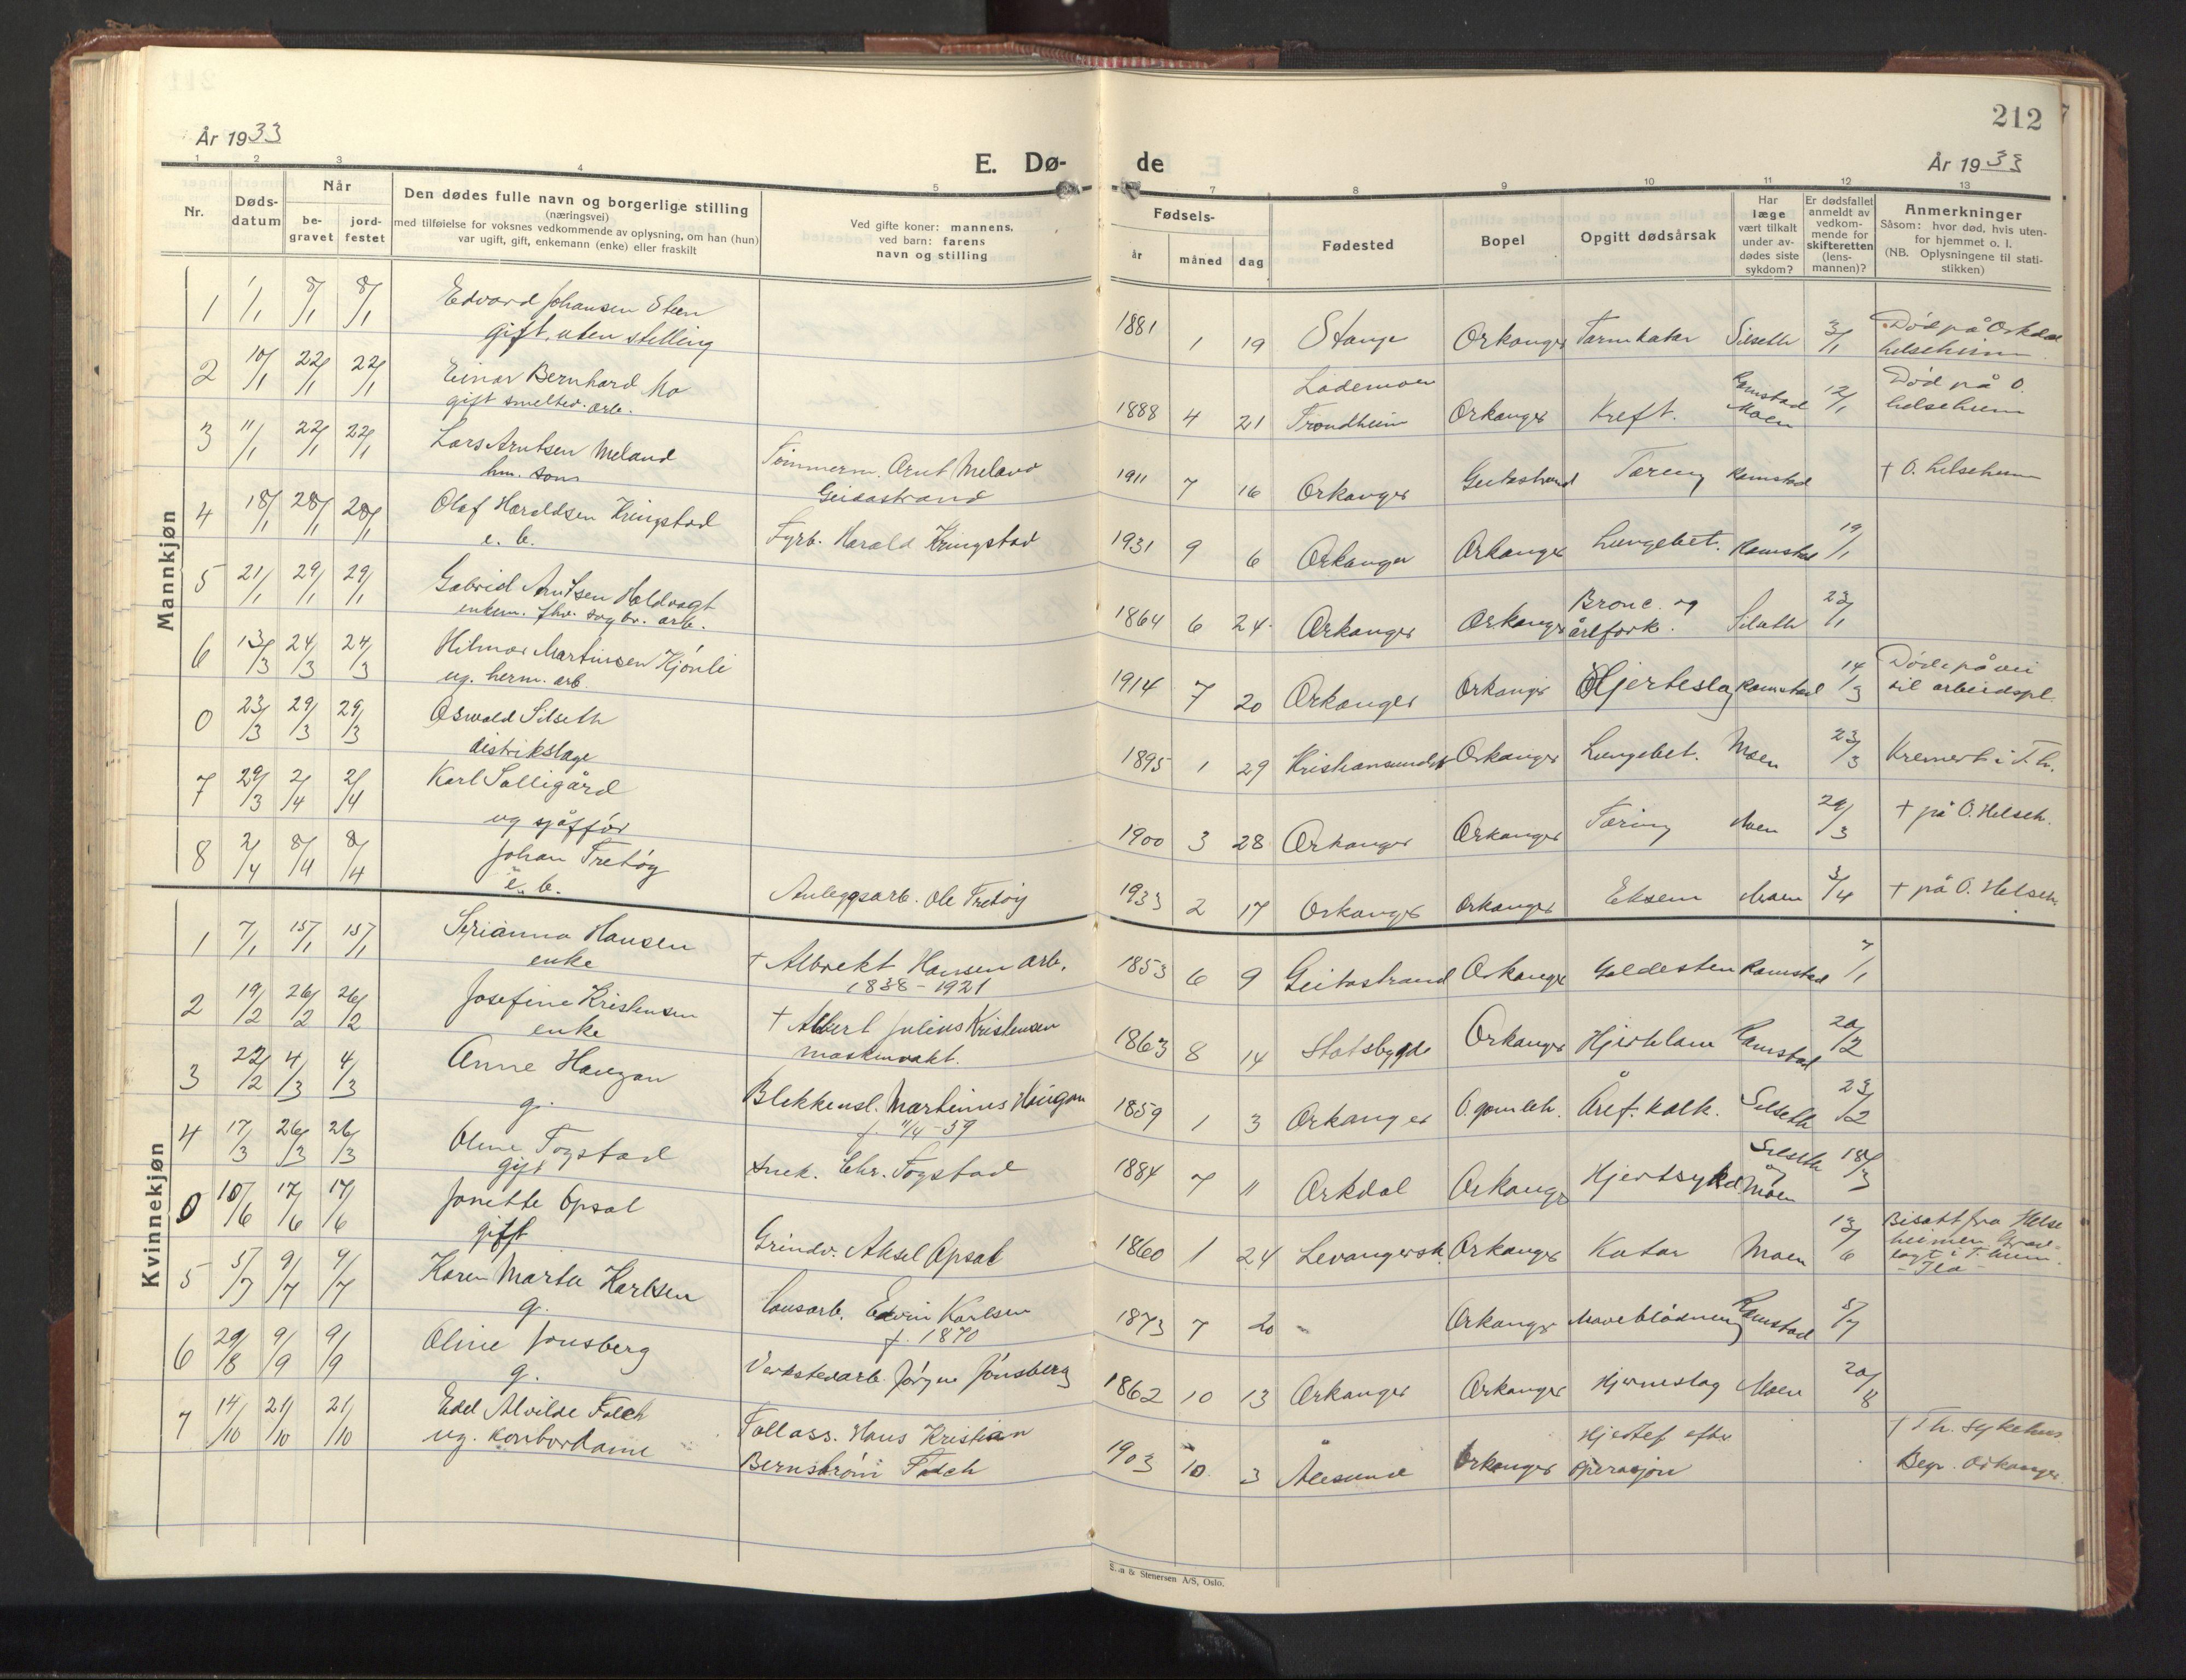 SAT, Ministerialprotokoller, klokkerbøker og fødselsregistre - Sør-Trøndelag, 669/L0832: Klokkerbok nr. 669C02, 1925-1953, s. 212